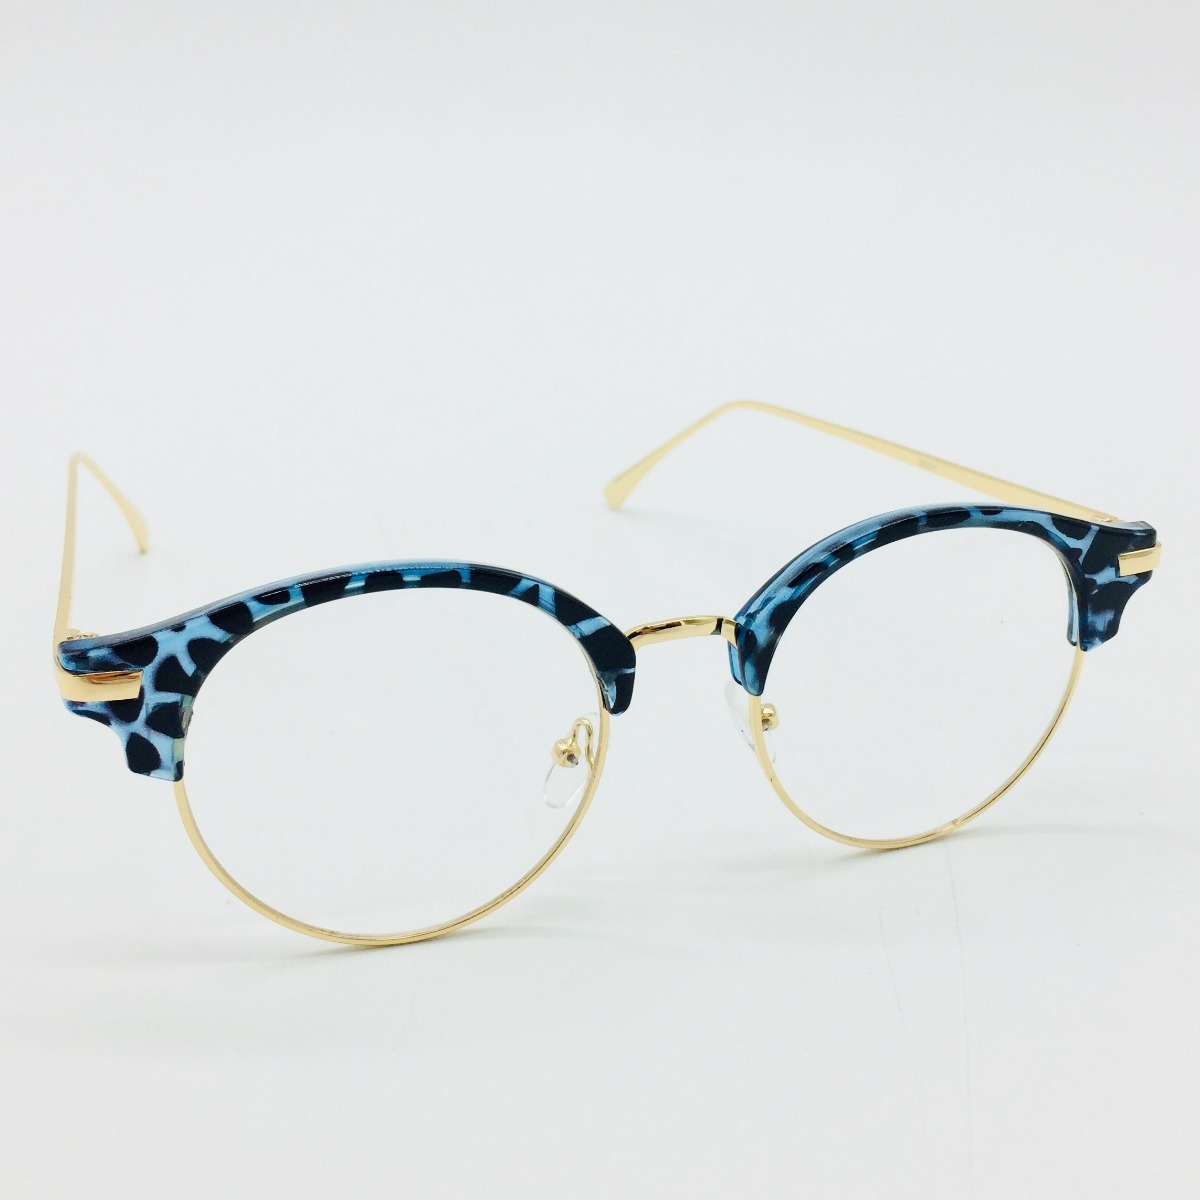 85e1e2f552ad6 armação oculos de grau geek vintage gato redondo retro barat. Carregando  zoom.